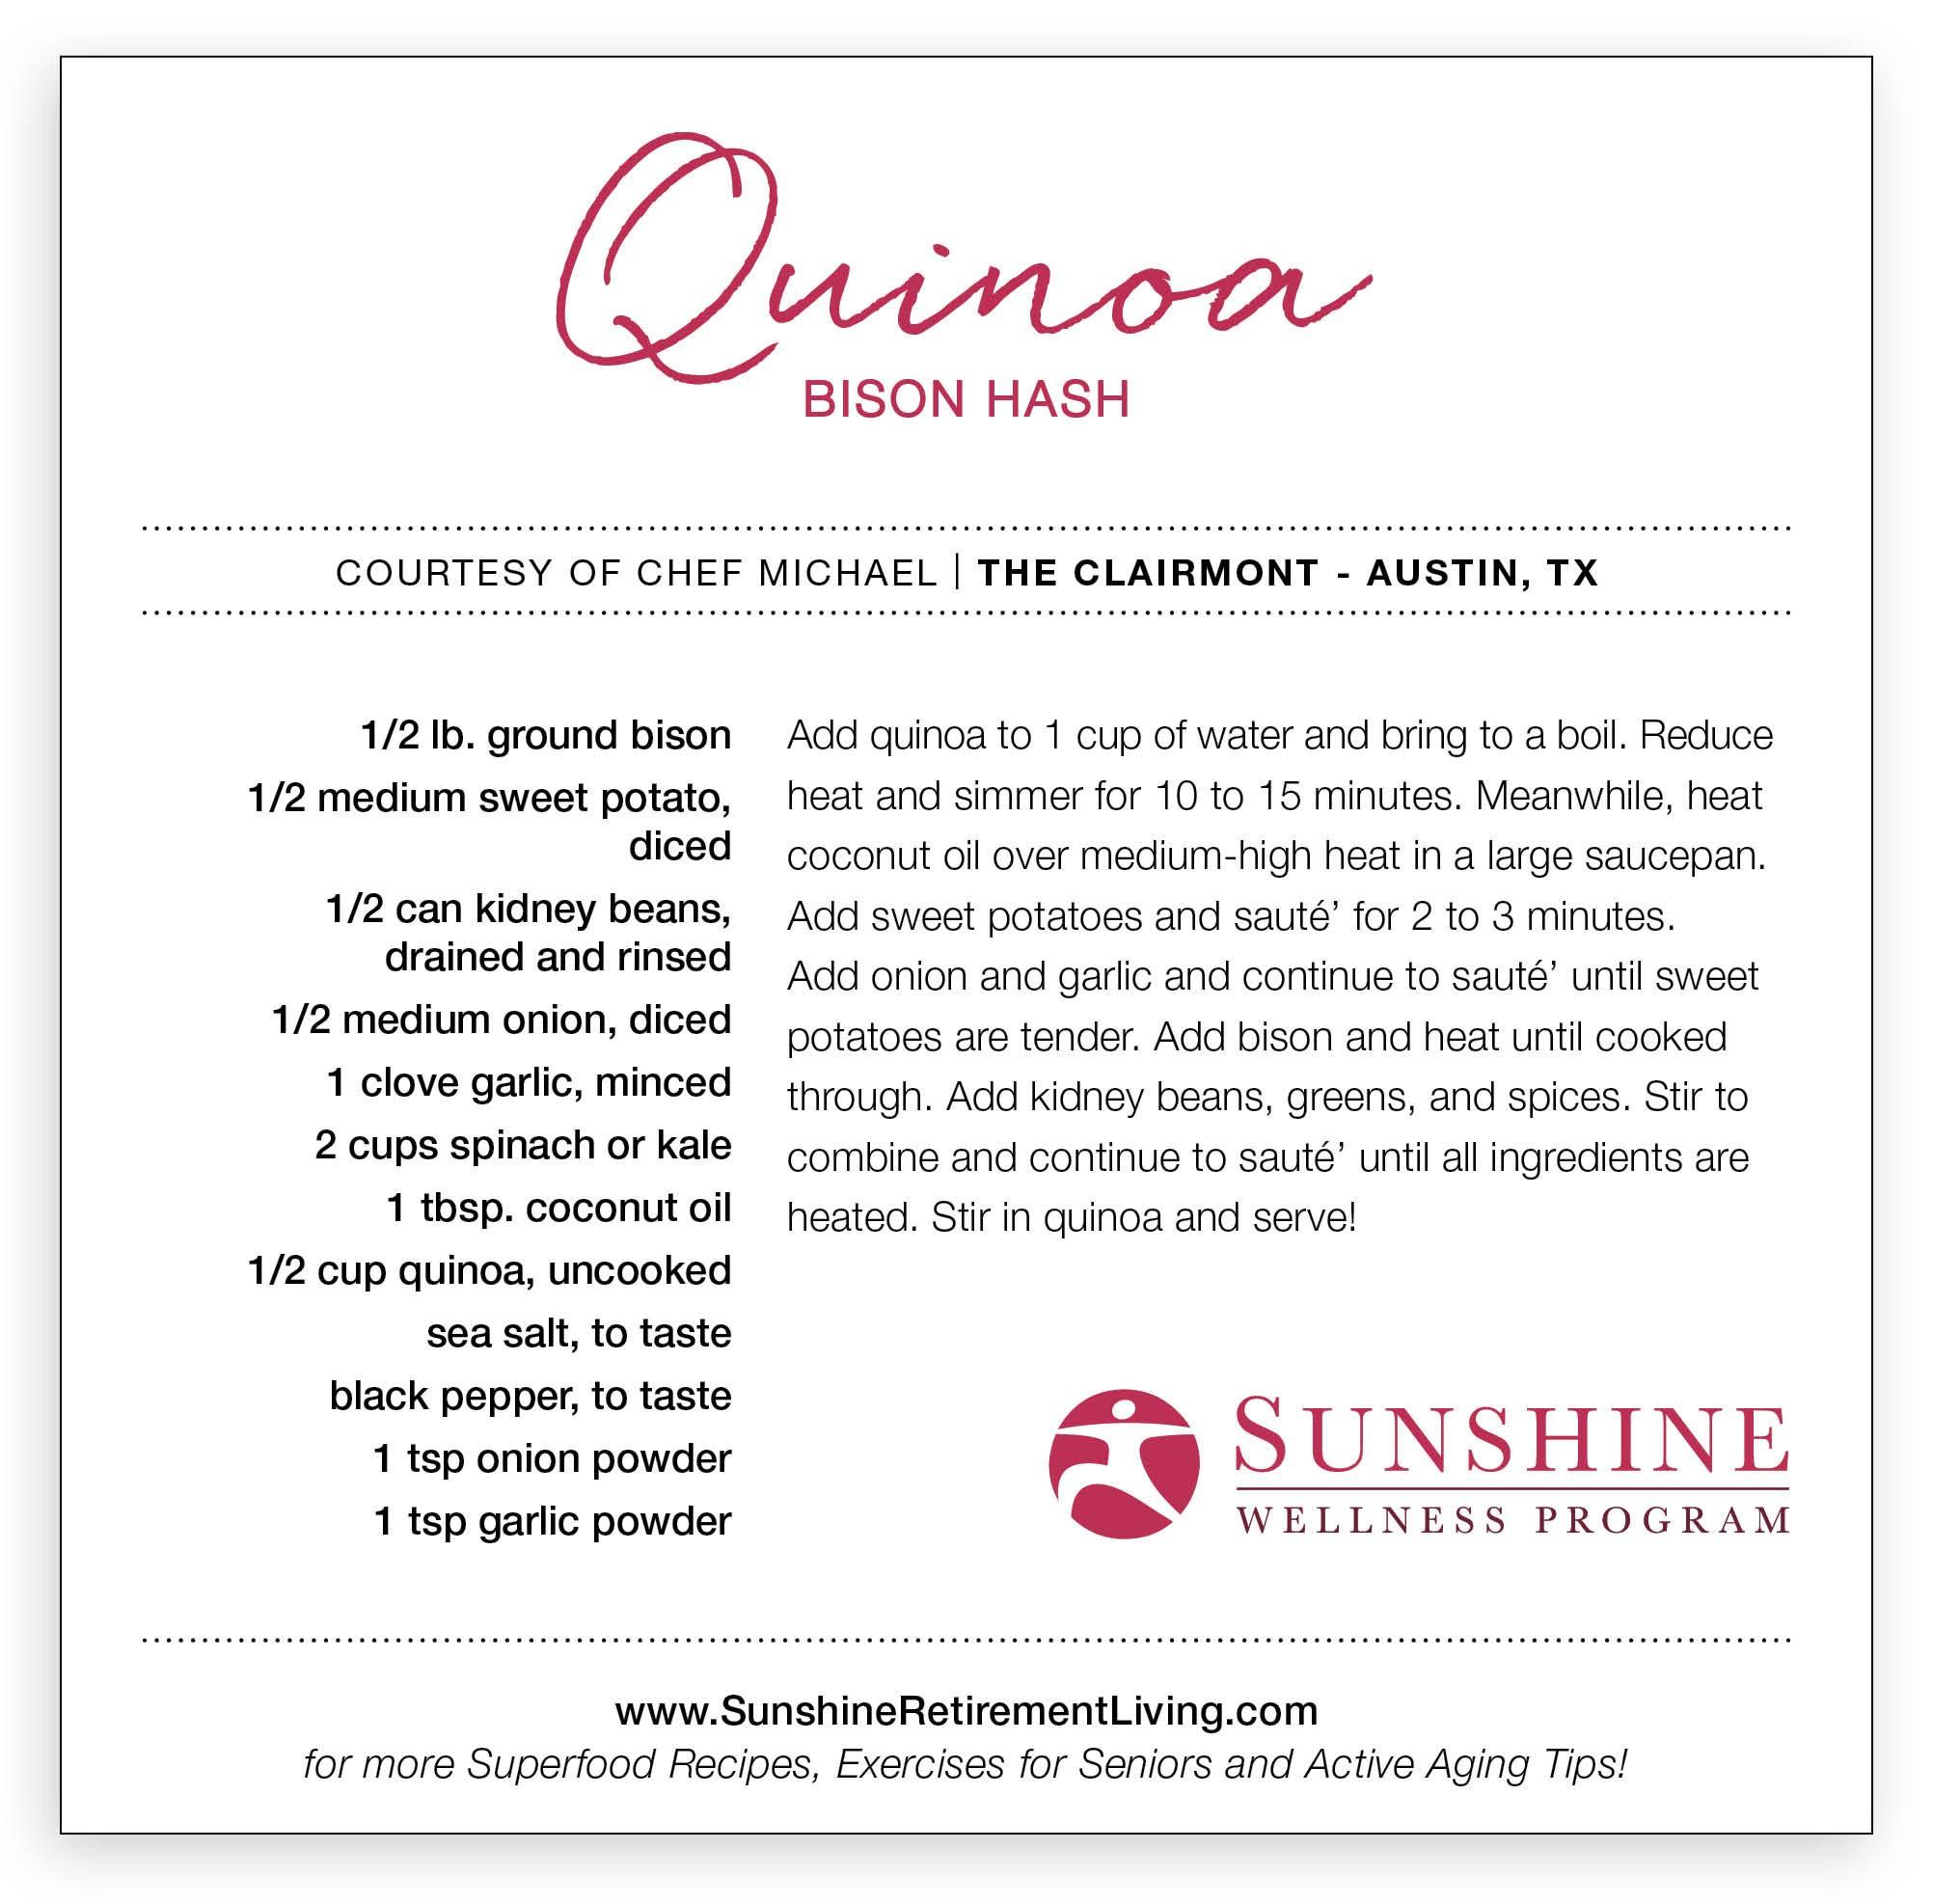 QuinoaBisonHash